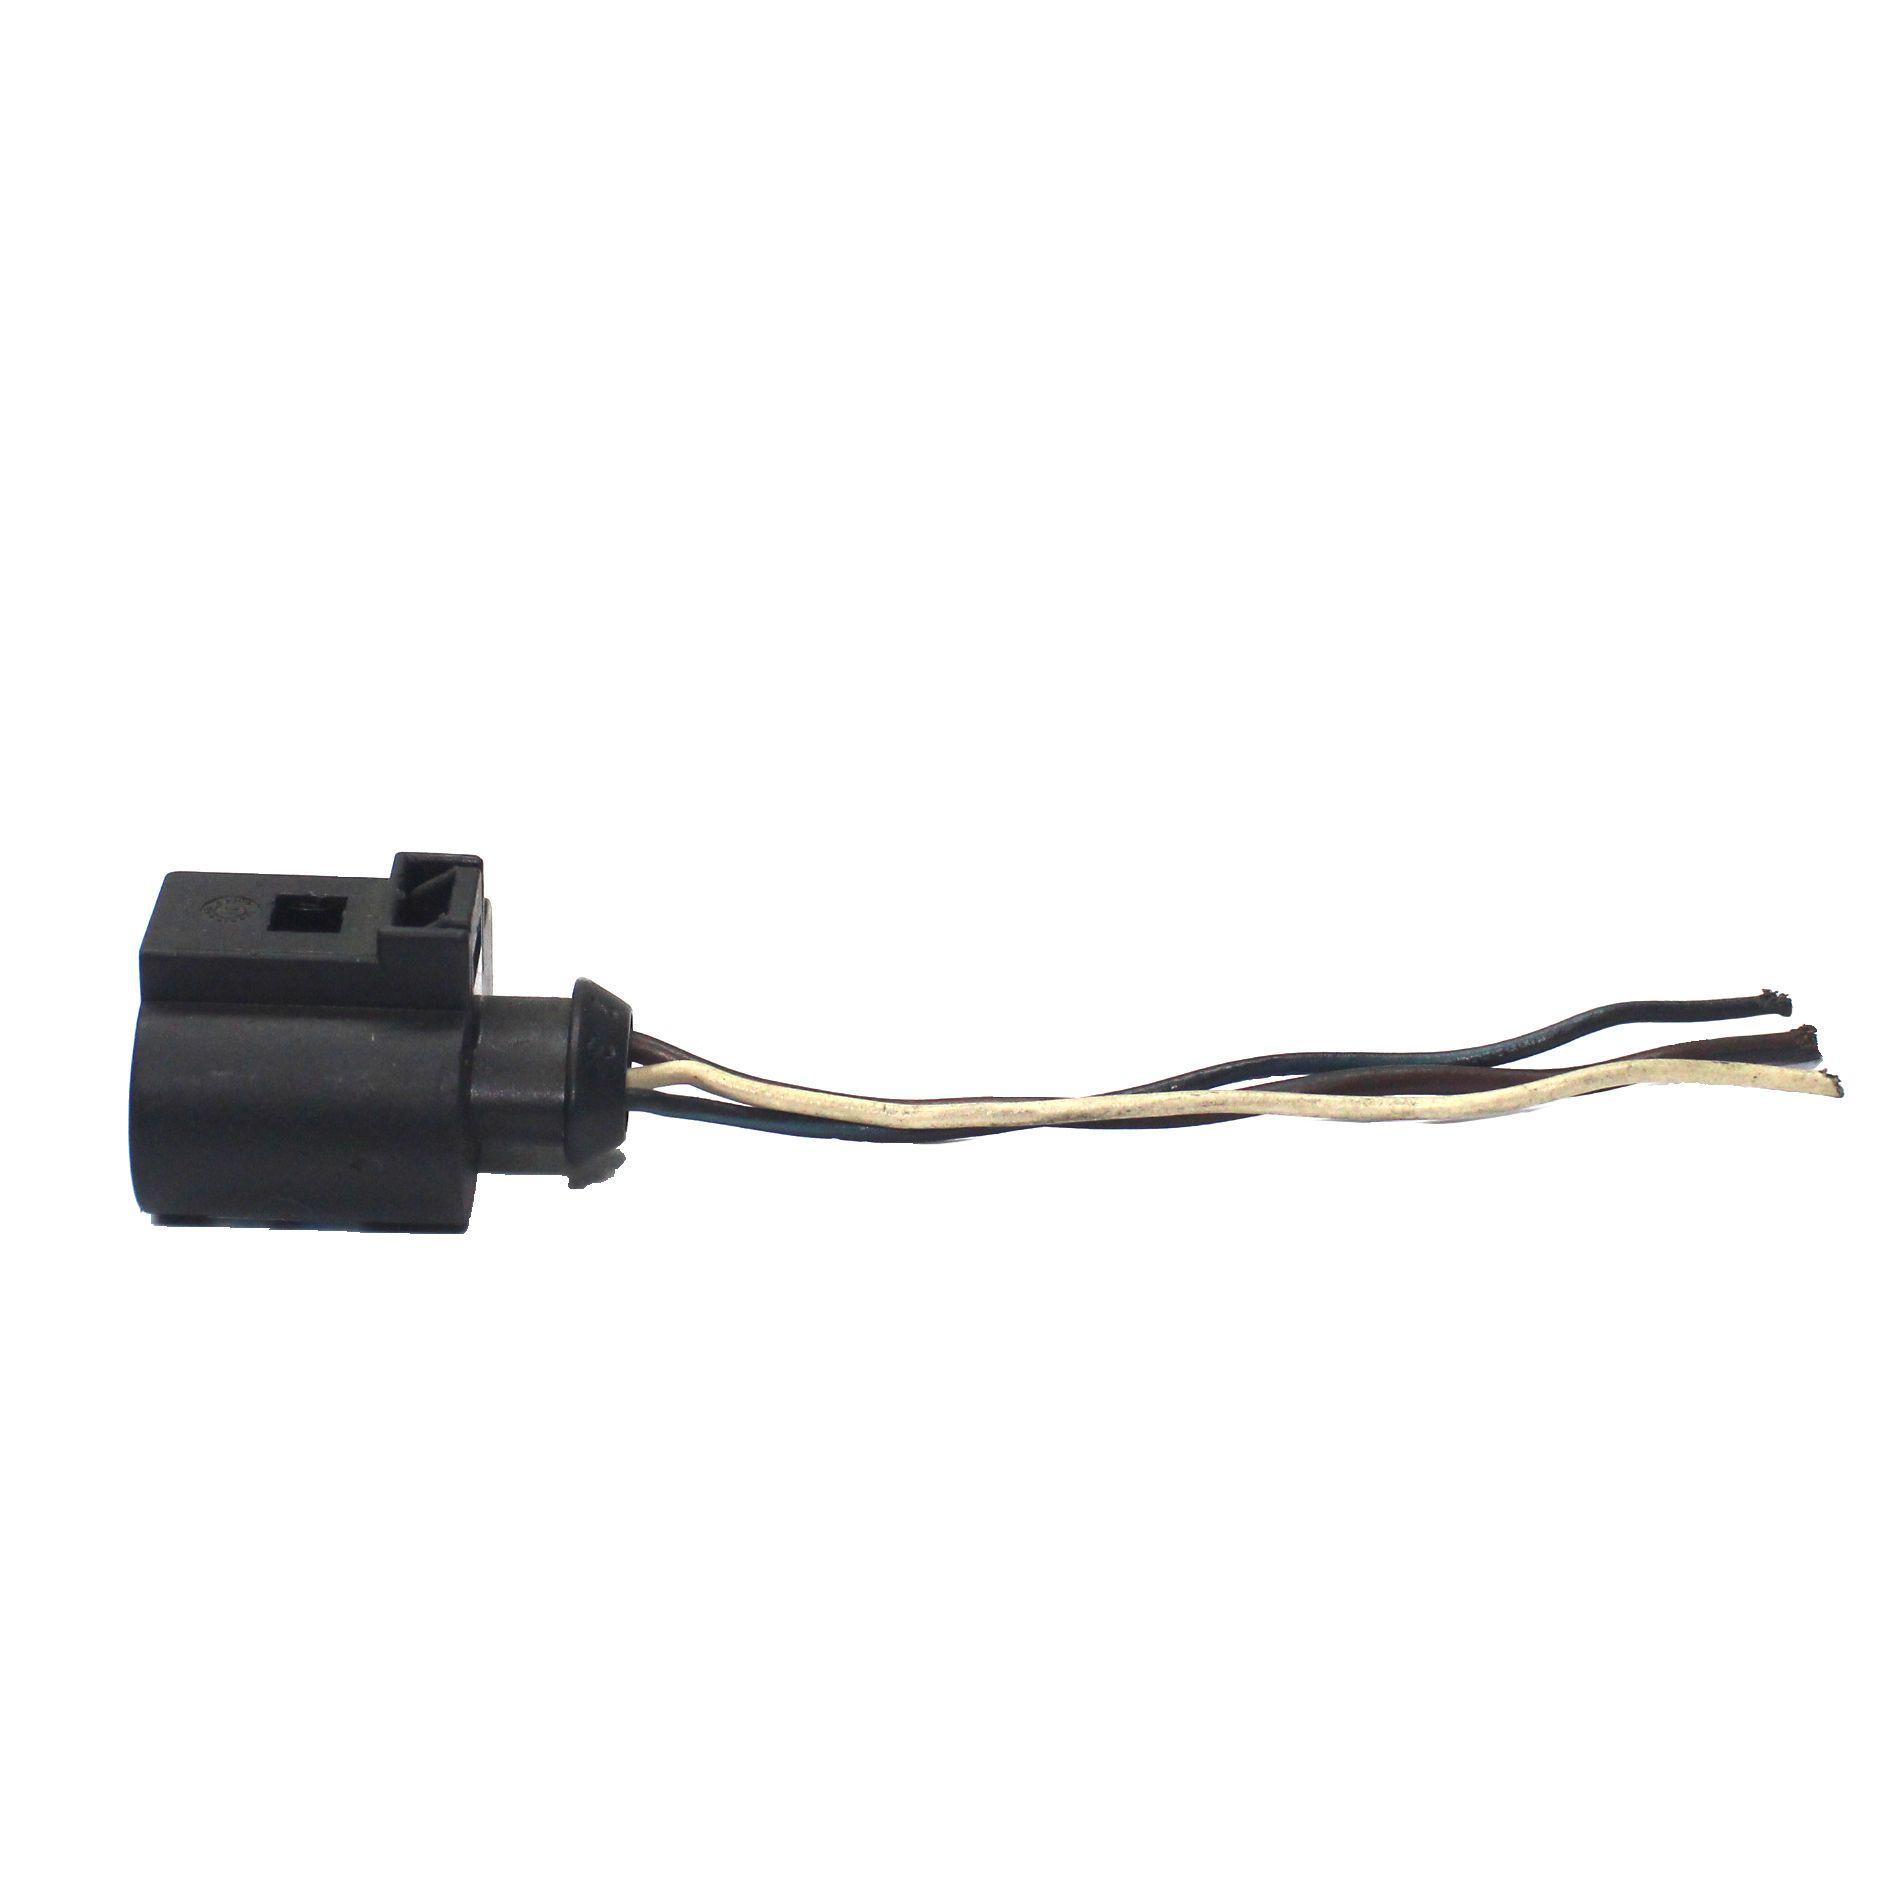 Pressostato Ar Condicionado Golf, Polo, New Beetle, Gol G5, A3 c/ plug